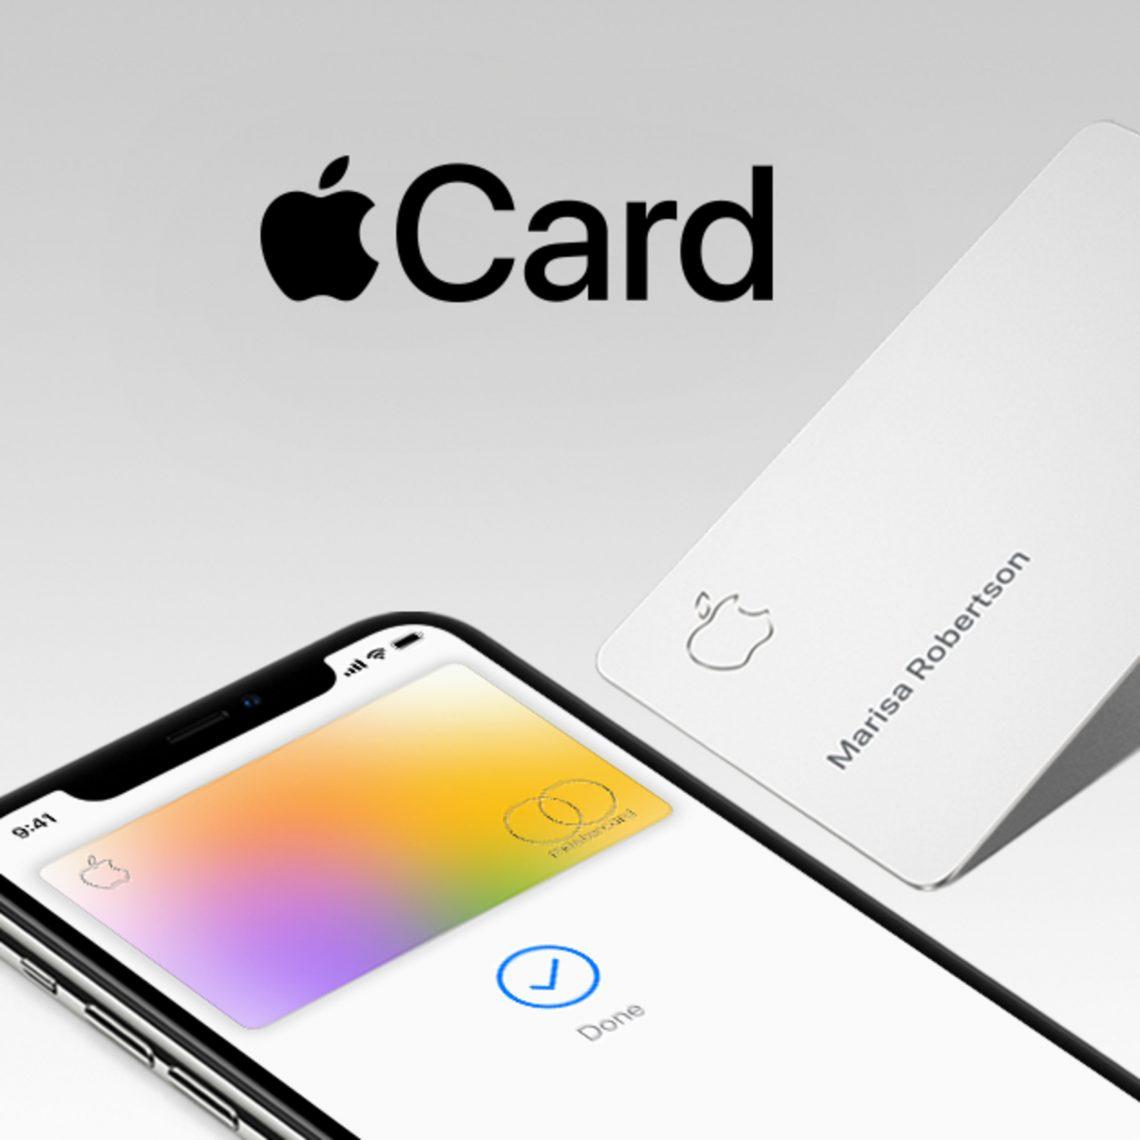 Ahoana no hividianana amin'ny Apple? Aza manandrana ny Apple Card avy amin'ny Apple Store